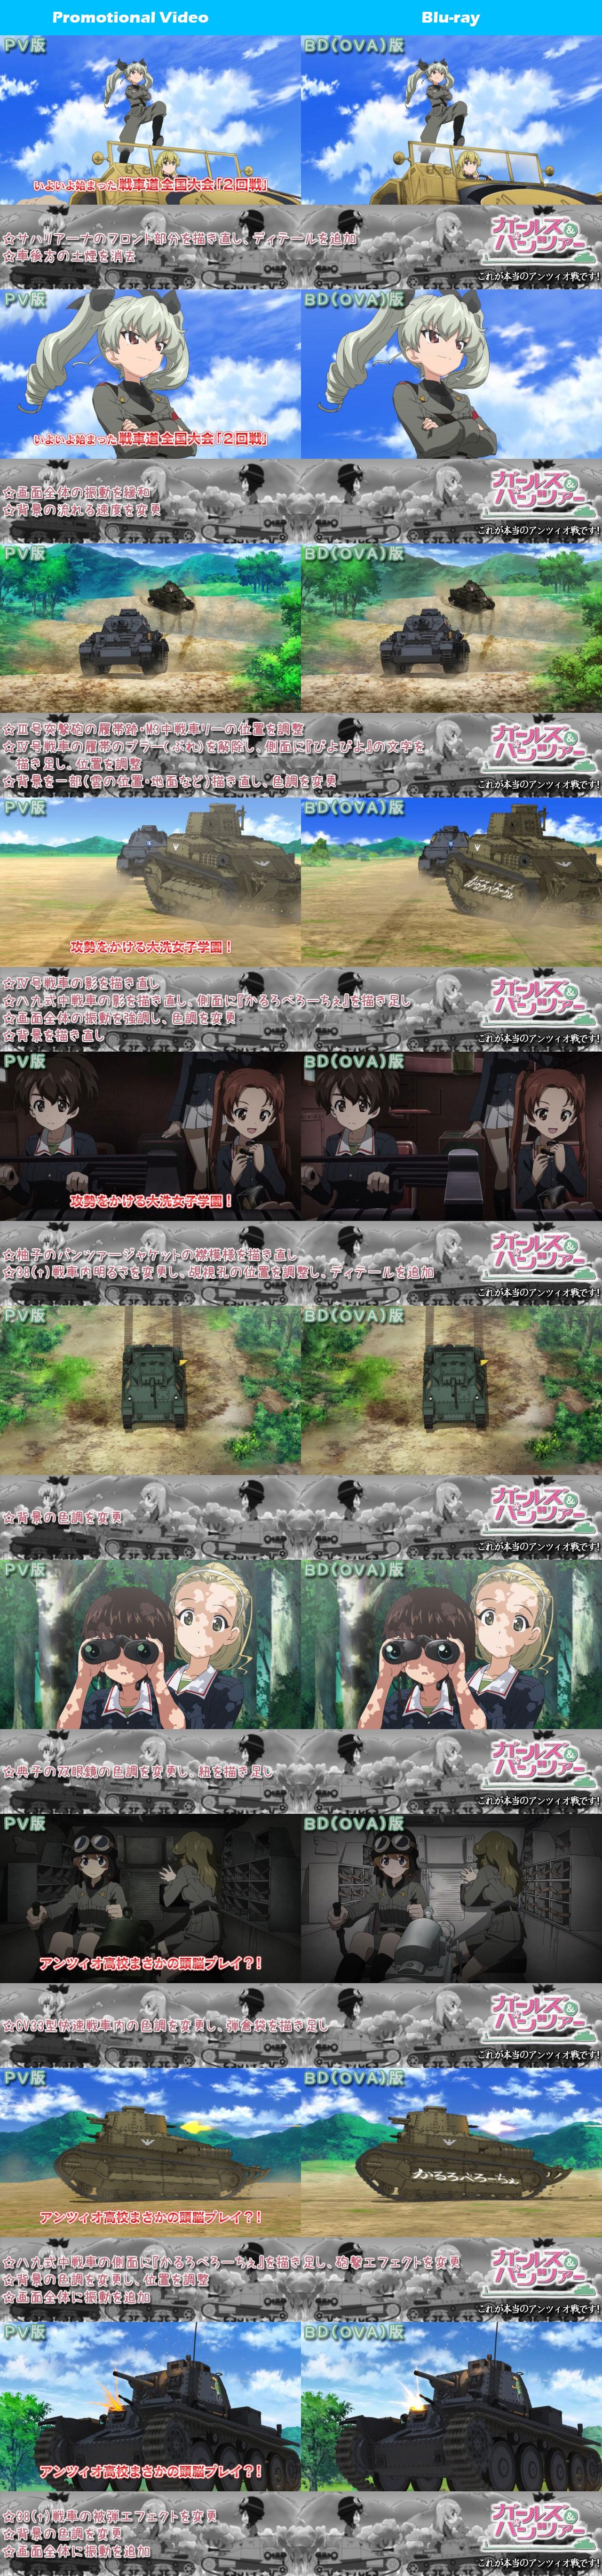 Girls-Und-Panzer-Kore-Ga-Hontou-No-Anzio-Sen-Desu-TV-and-Blu-ray-Comparison-3